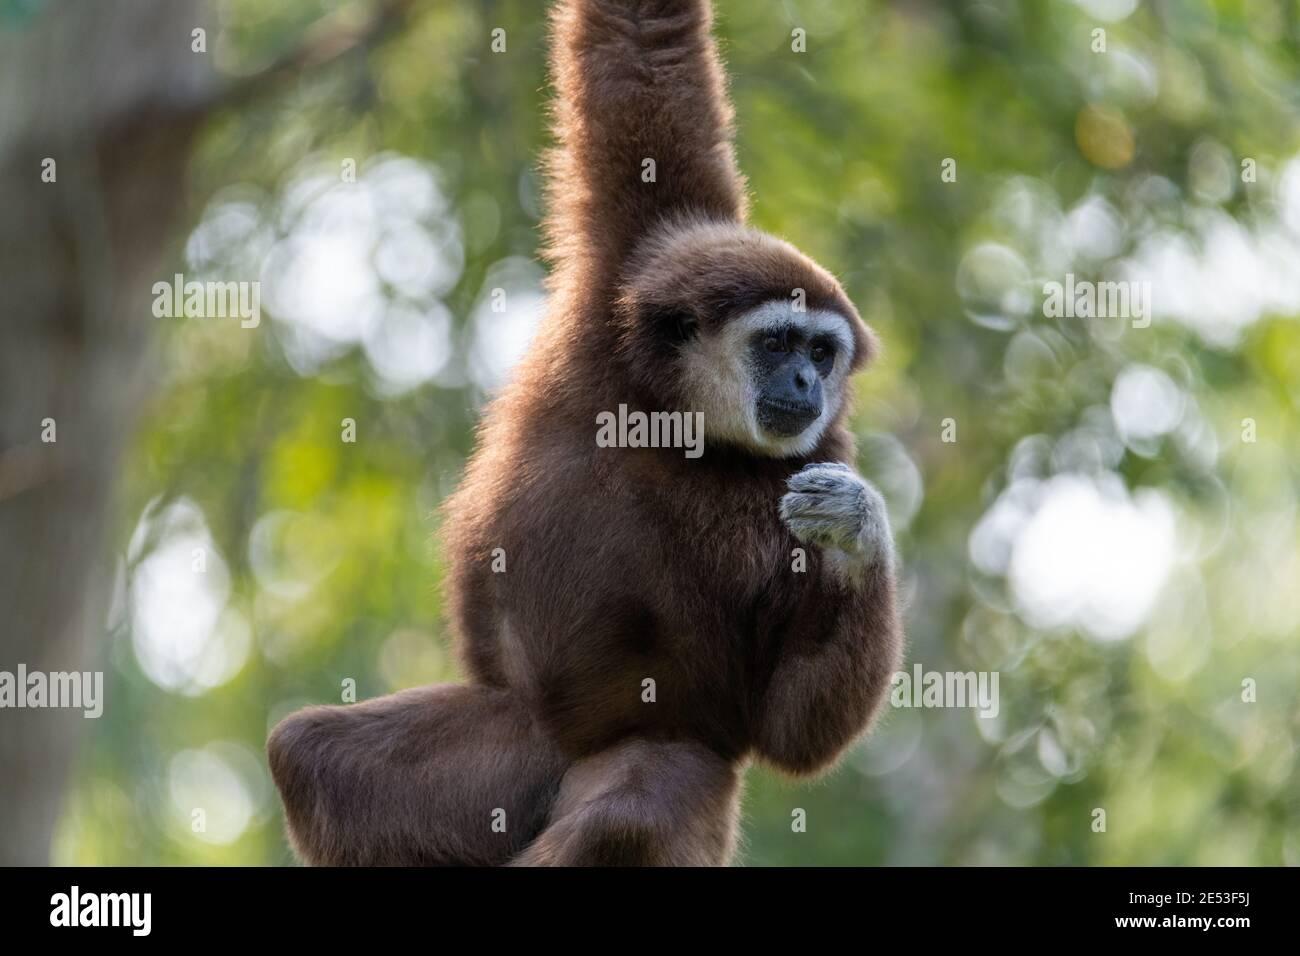 Gibbon colgando con un brazo de una rama o plataforma que está fuera de la estructura, mientras que el gibbon está cerca Foto de stock